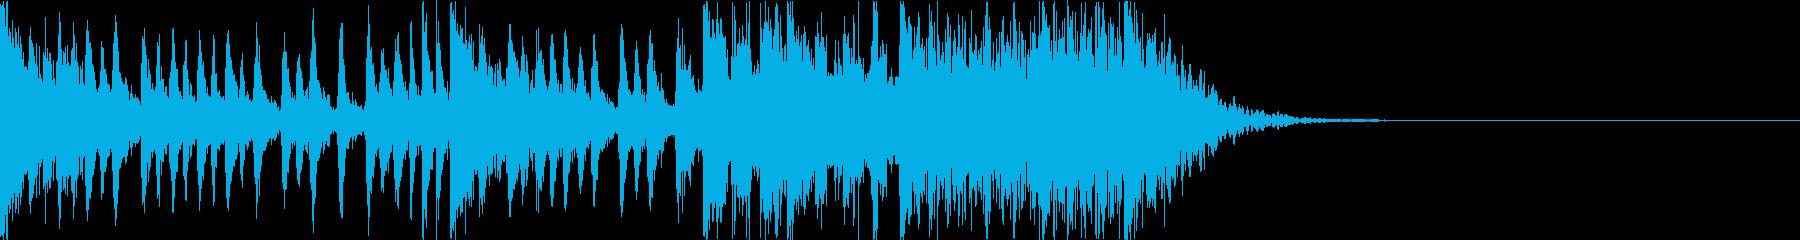 和太鼓アンサンブル/カウントダウン10秒の再生済みの波形